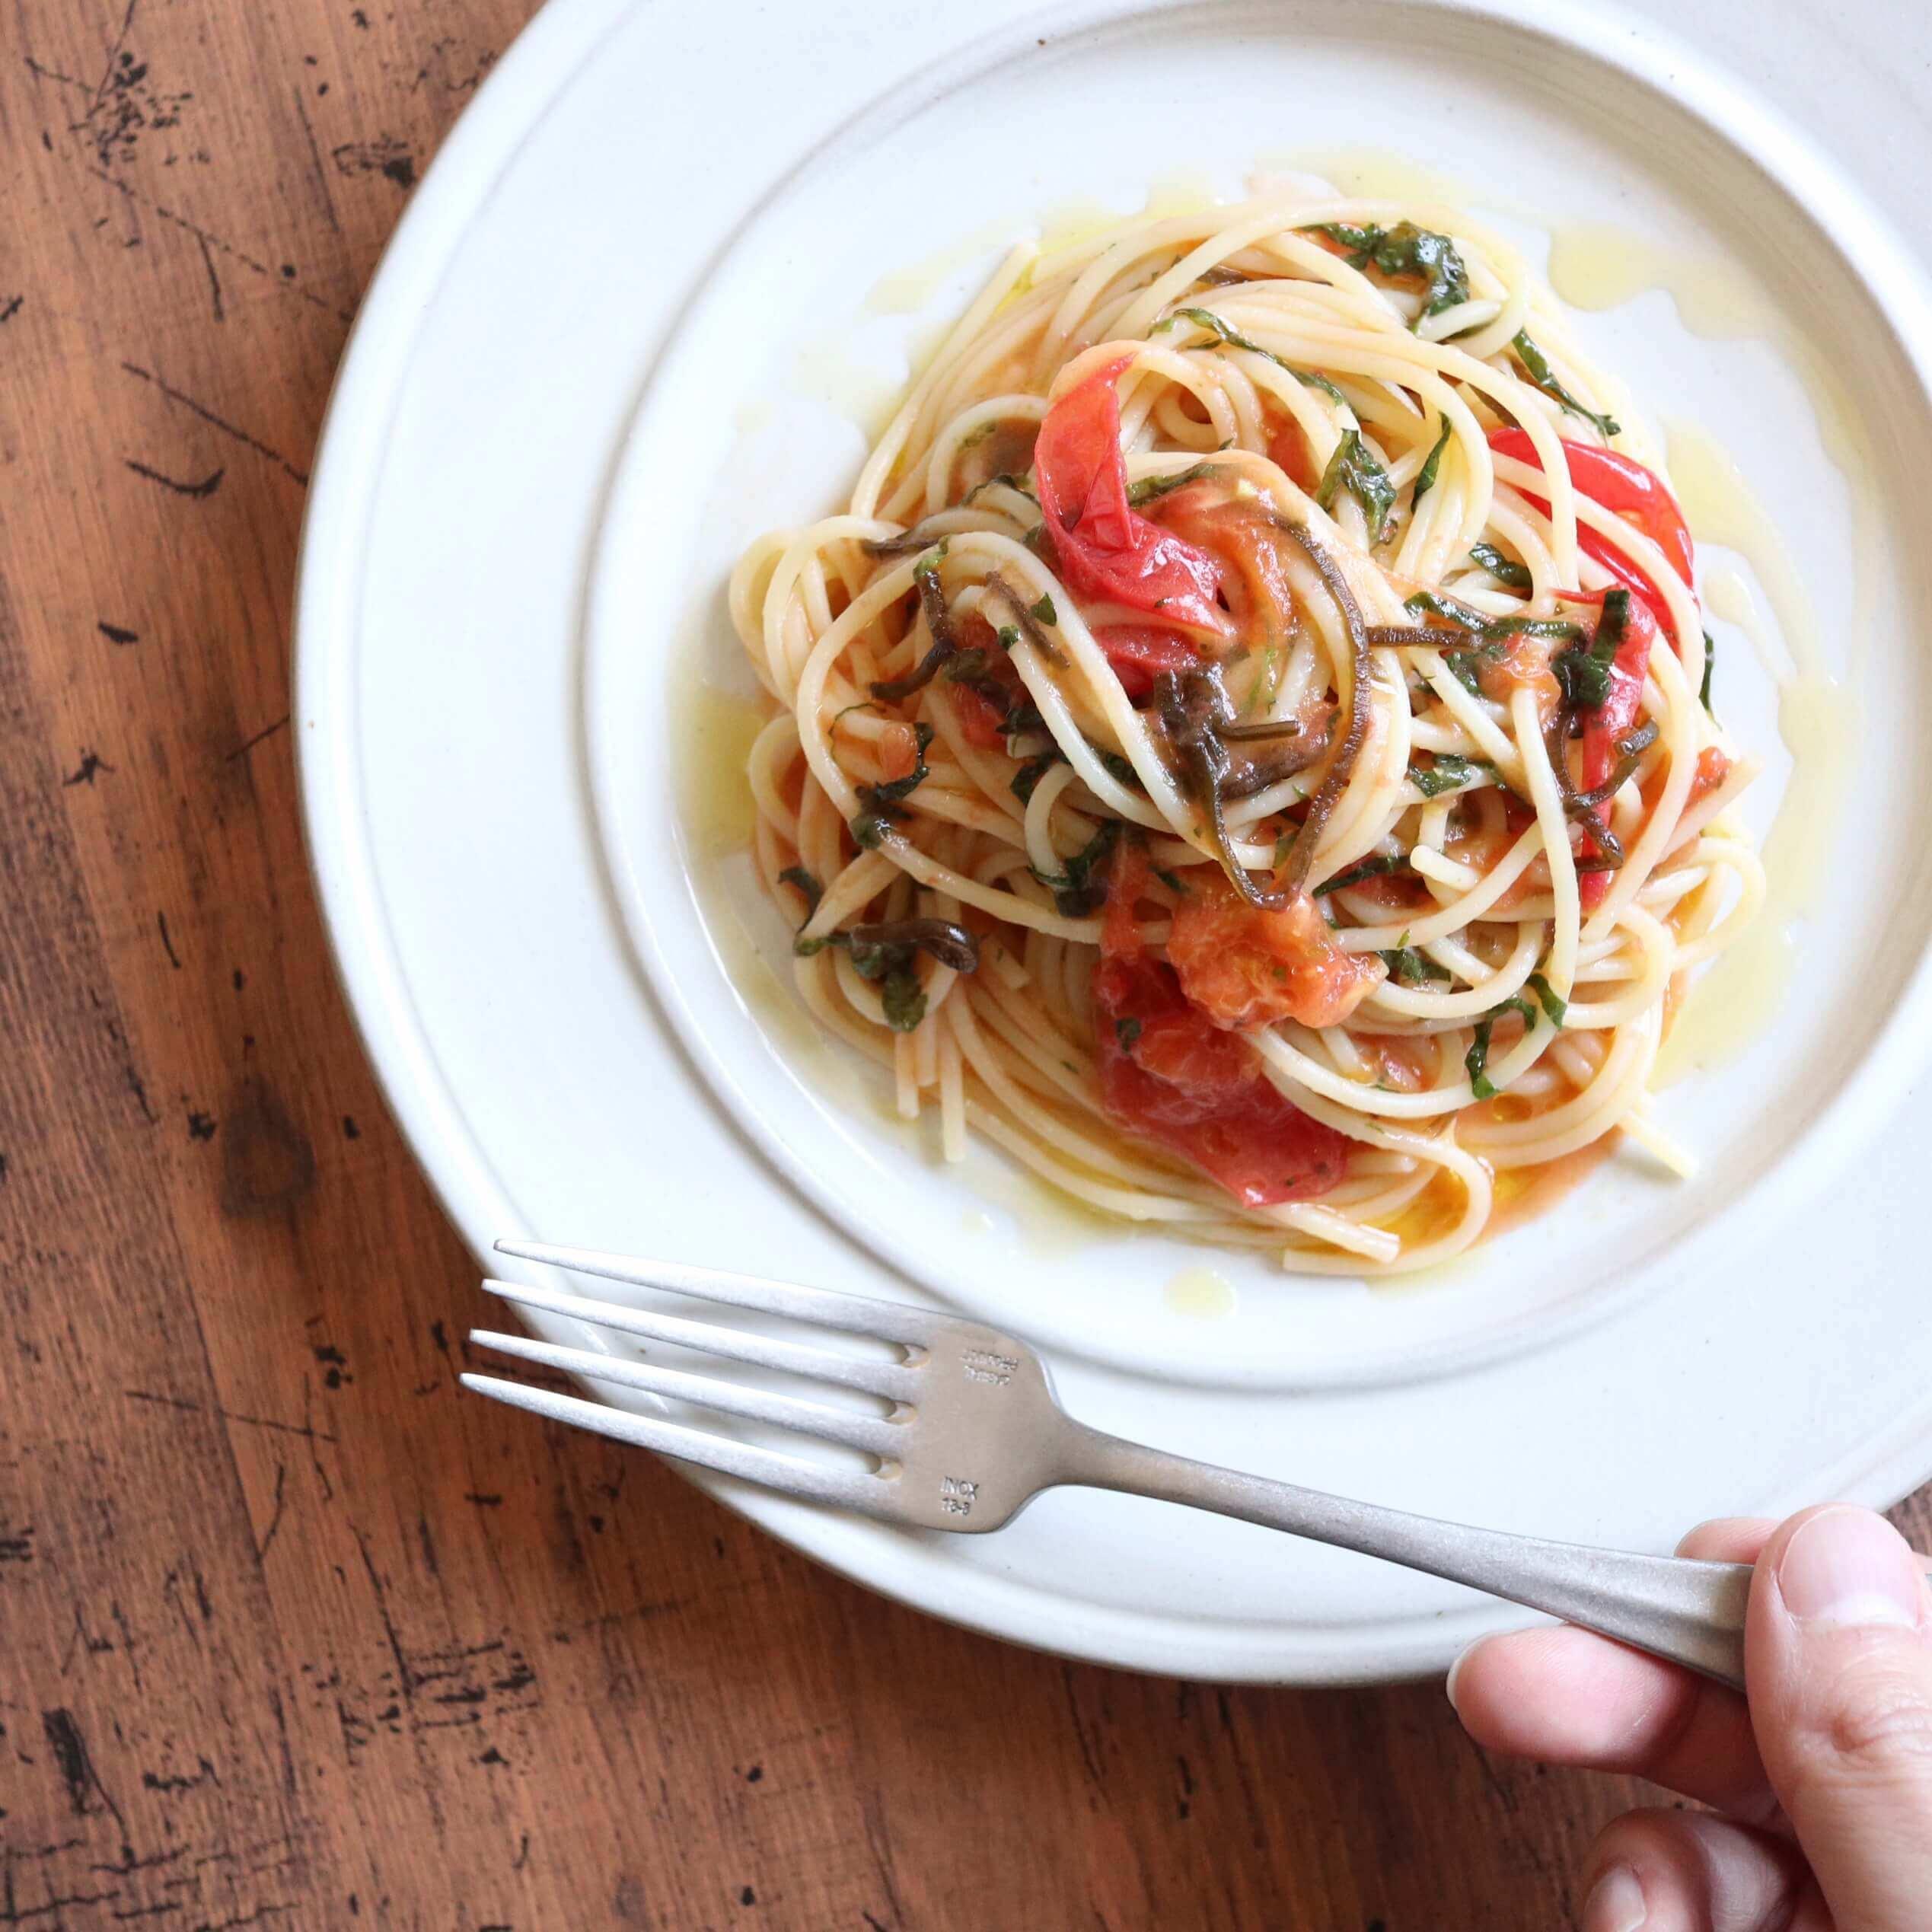 【絶品!】トマトと大葉の和風パスタのレシピ